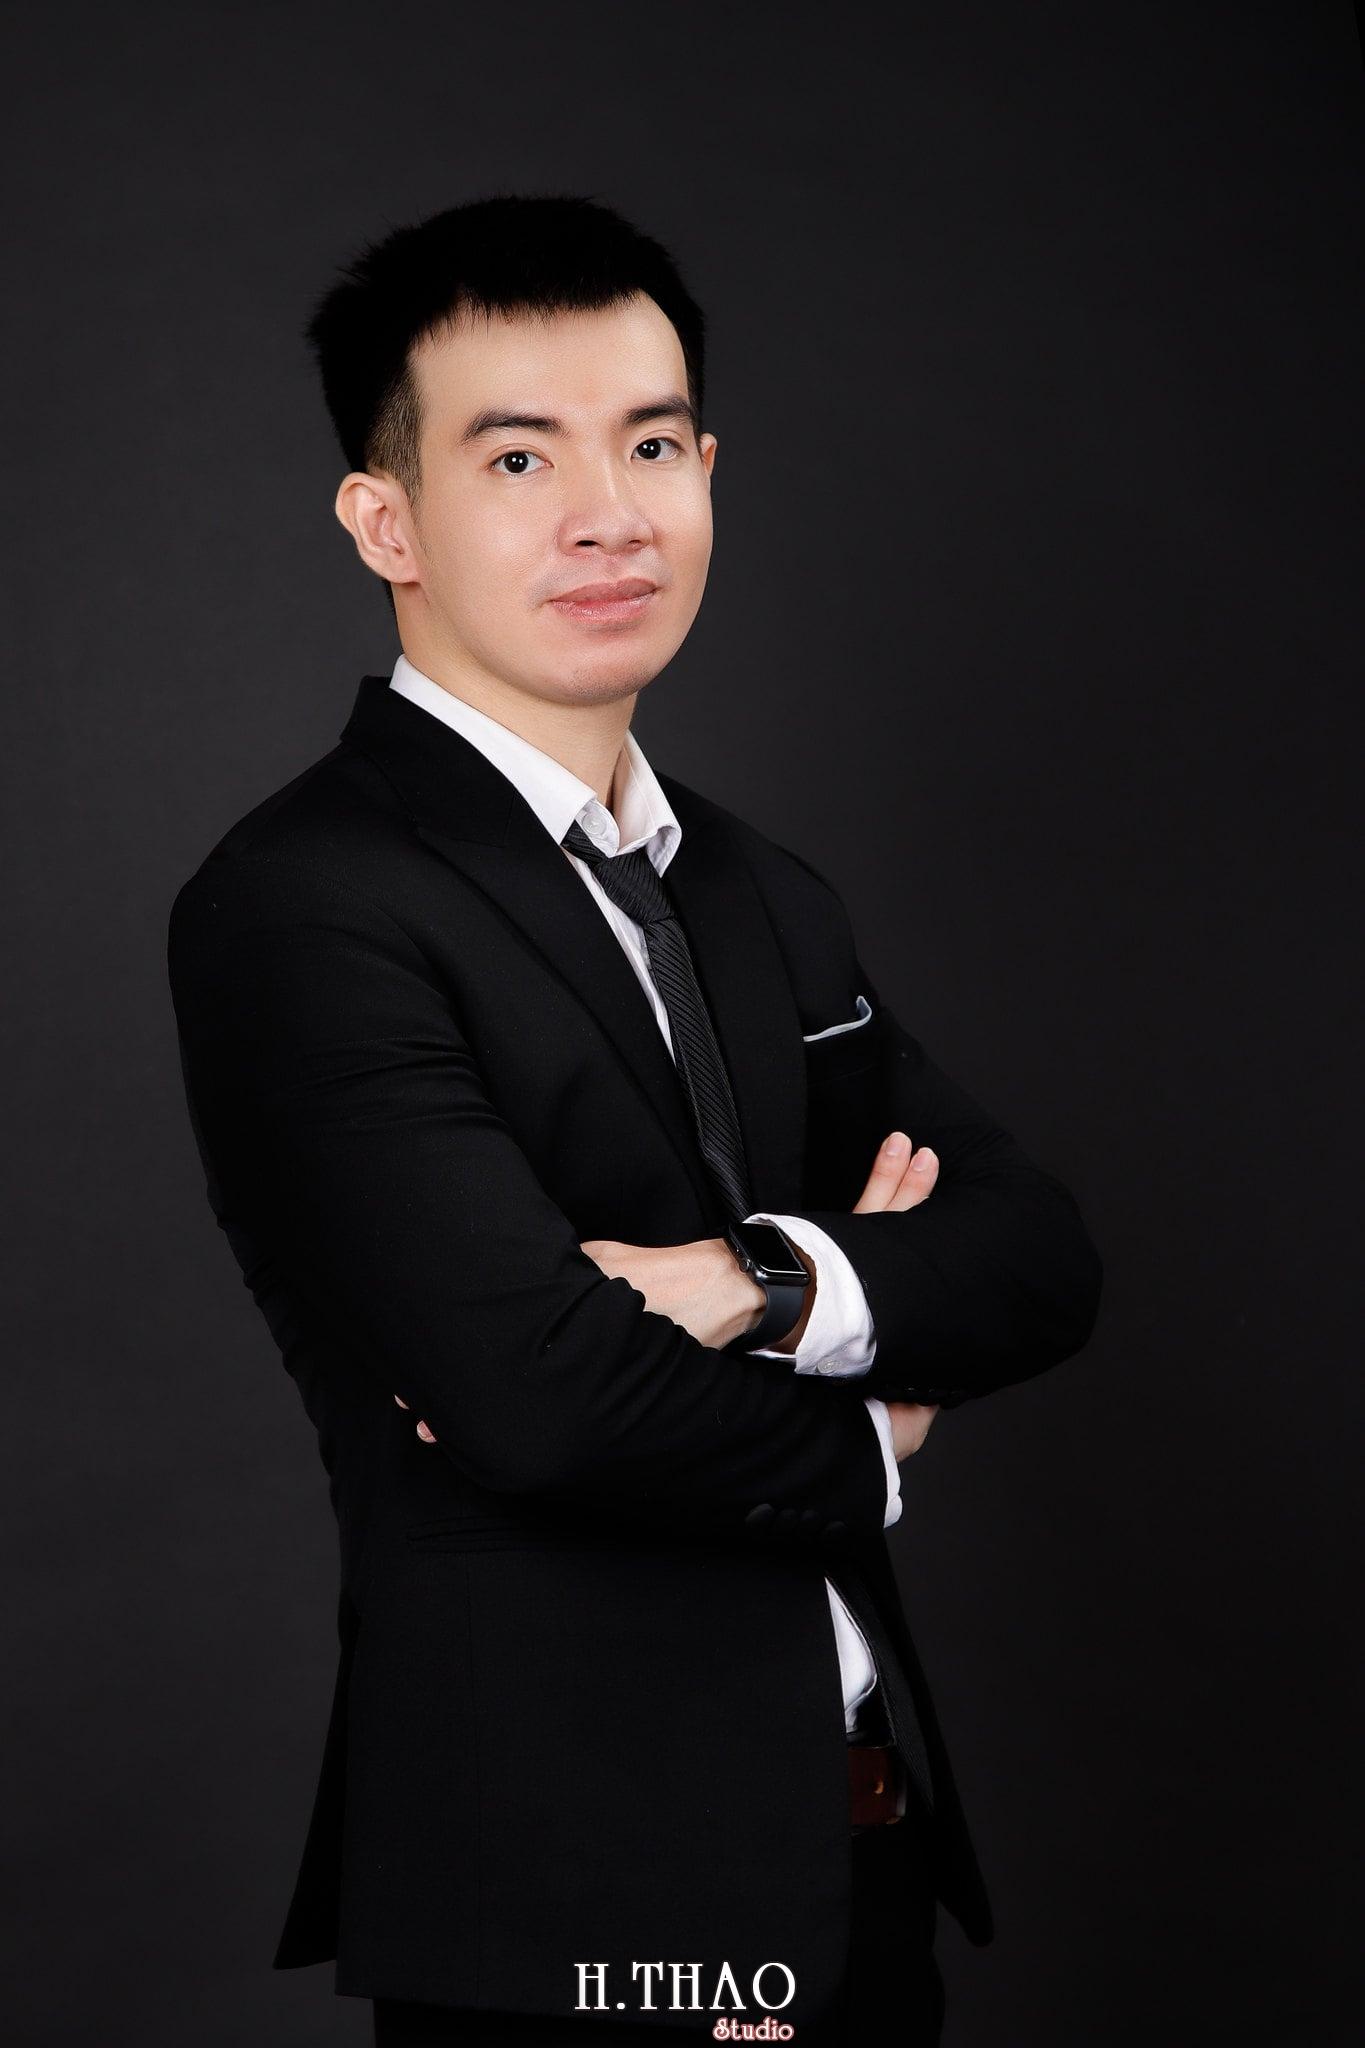 Anh profile 2 min - Studio chụp ảnh profile cá nhân chuyên nghiệp ở Tp.HCM- HThao Studio